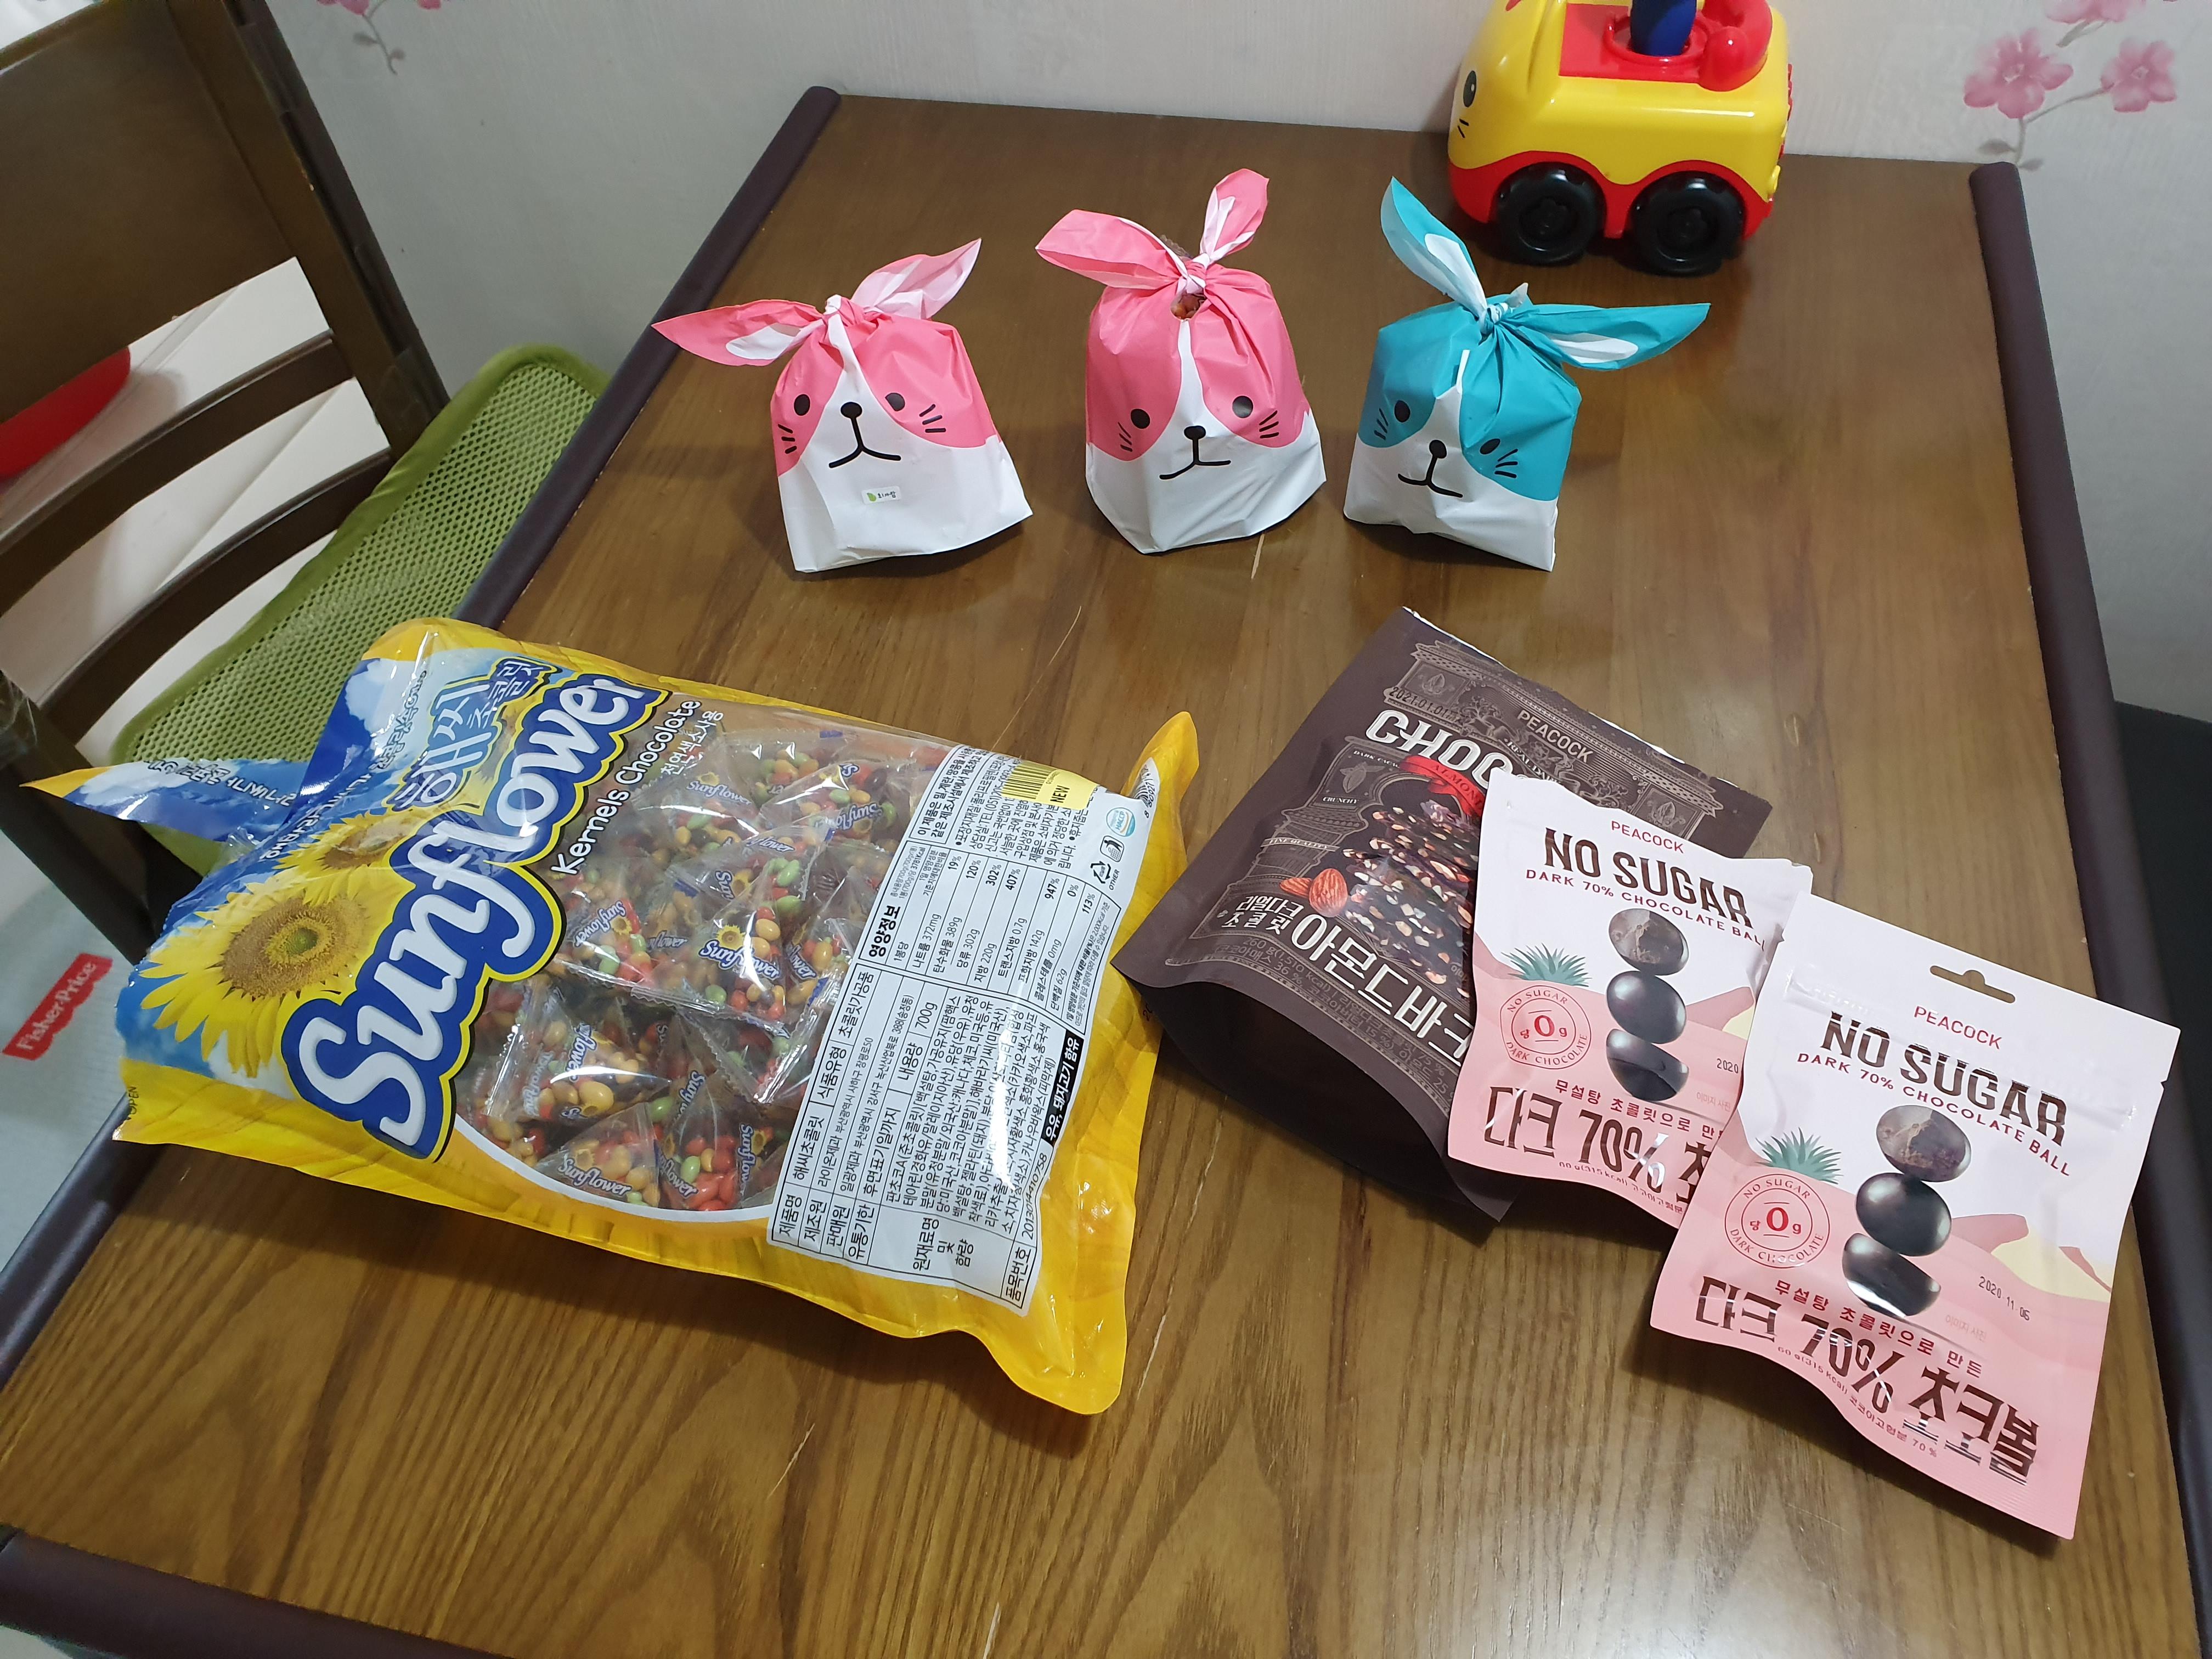 발렌타인 데이 : 3명에게 포장해서 나눠주다. (선물 한개는 초콜렛이 안 들어있다)